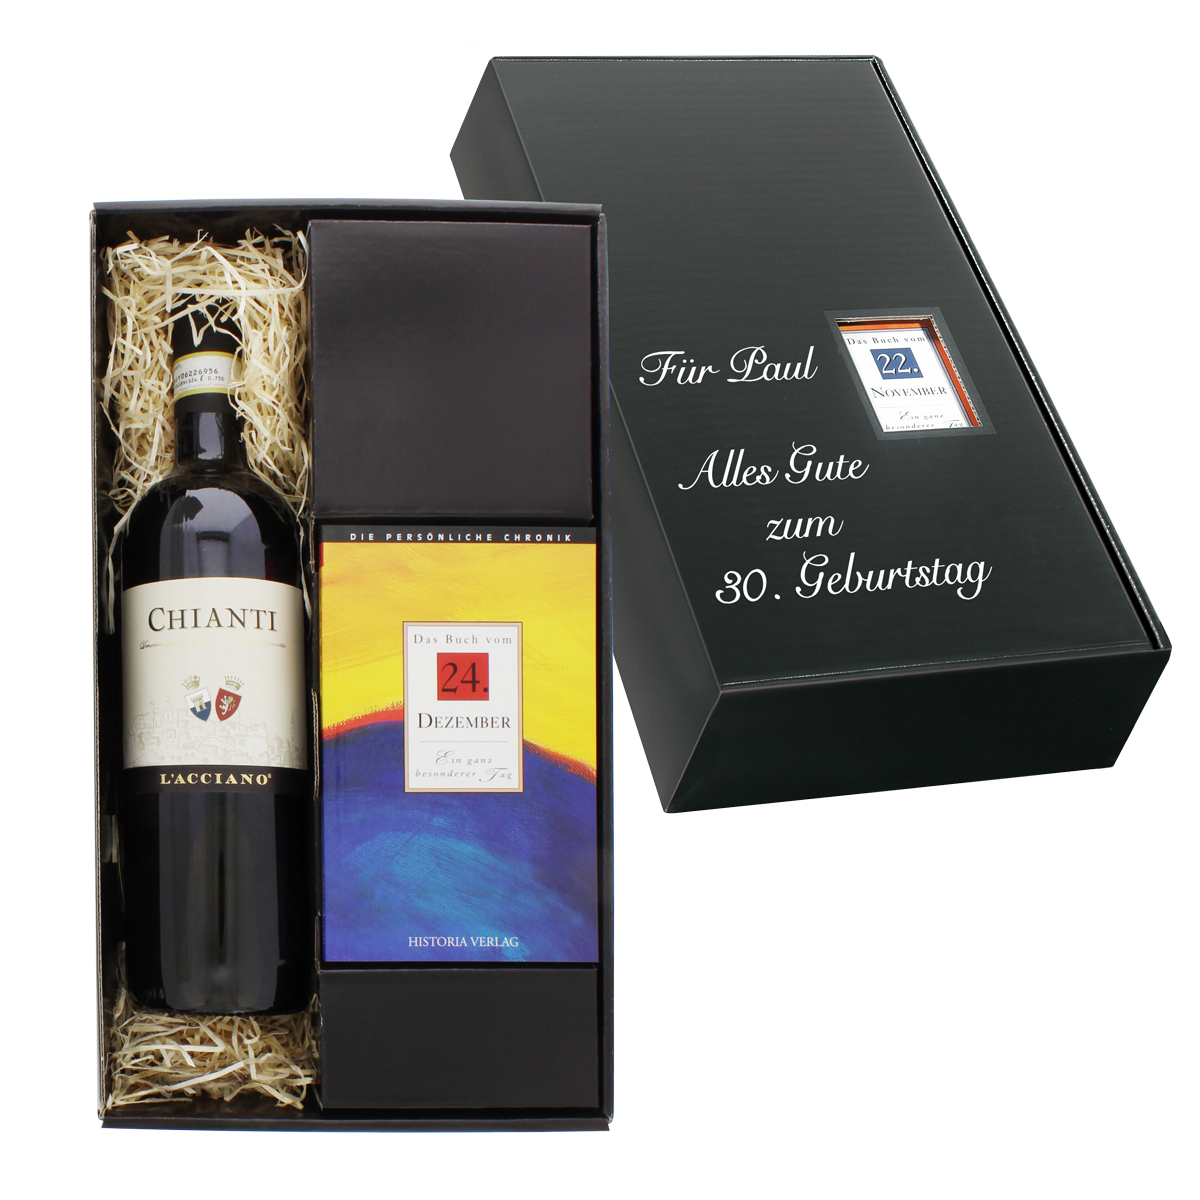 Italien-Set: Tageschronik vom 16. Juli & Chianti-Wein